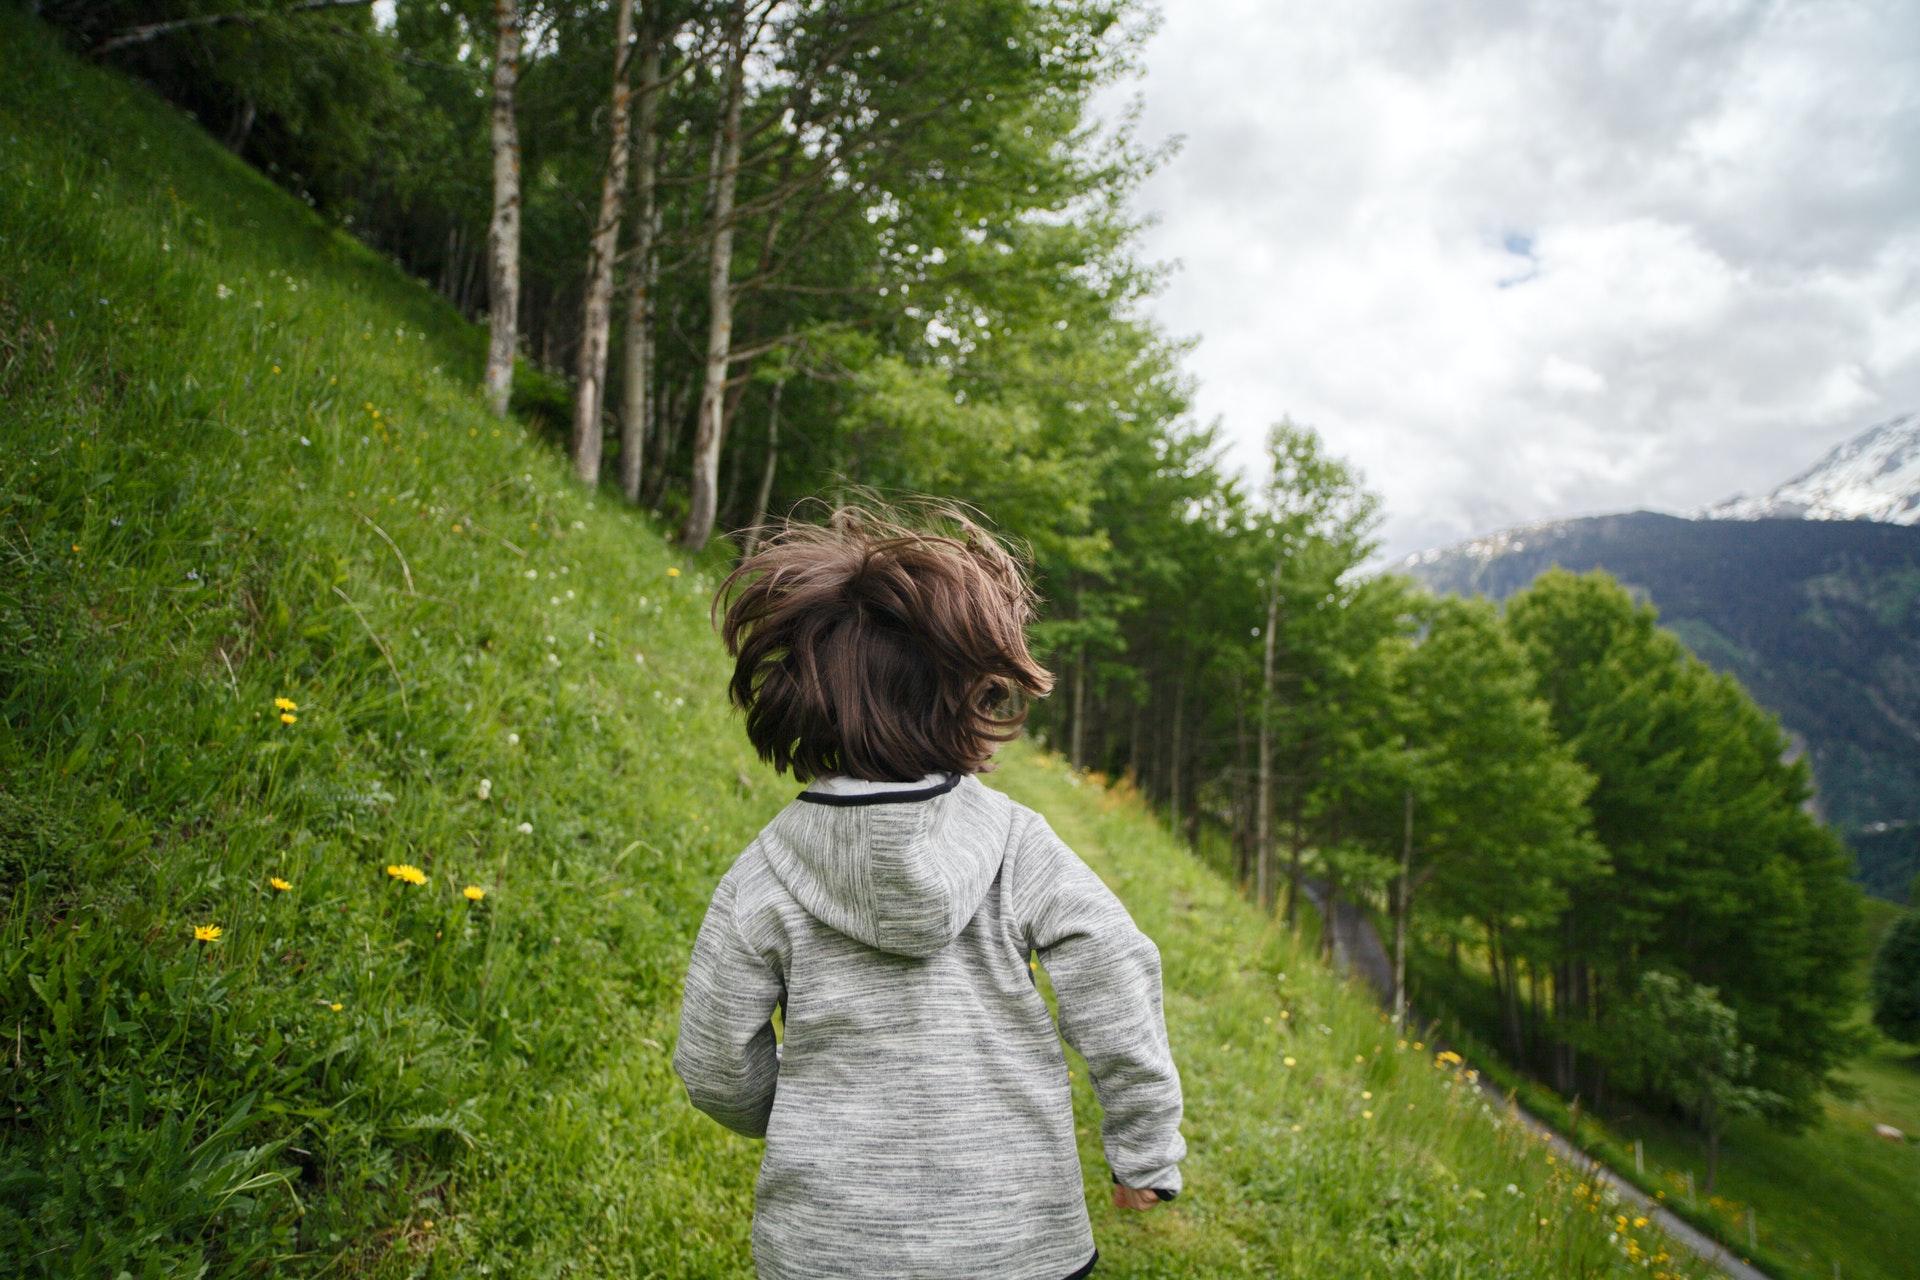 Malý chlapec bežiaci po lúke